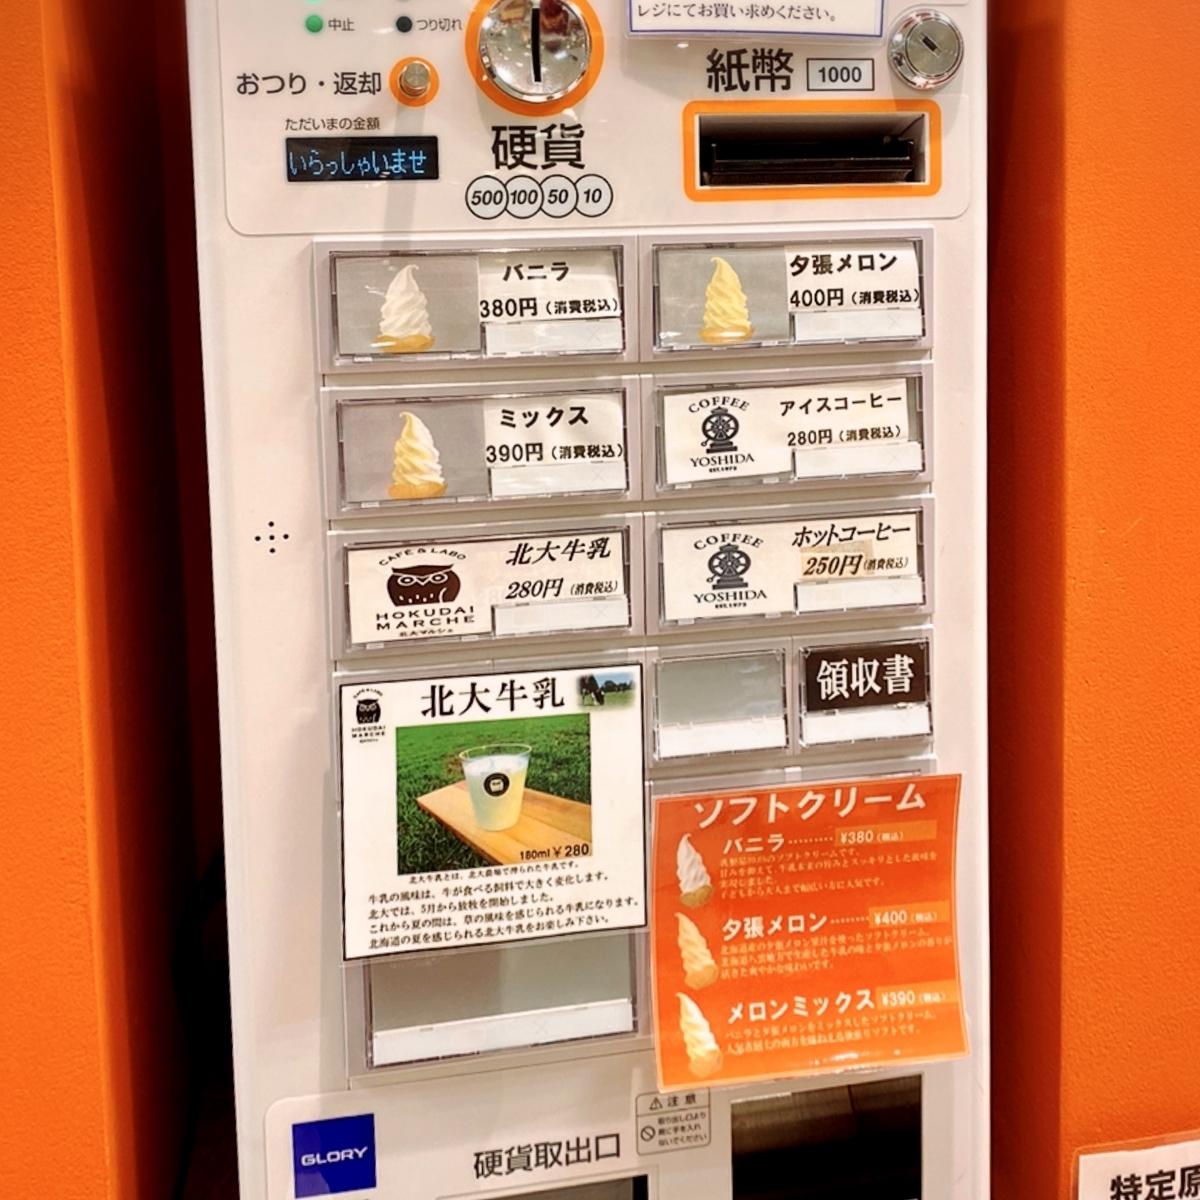 「北海道どさんこプラザ」のメニューと値段1